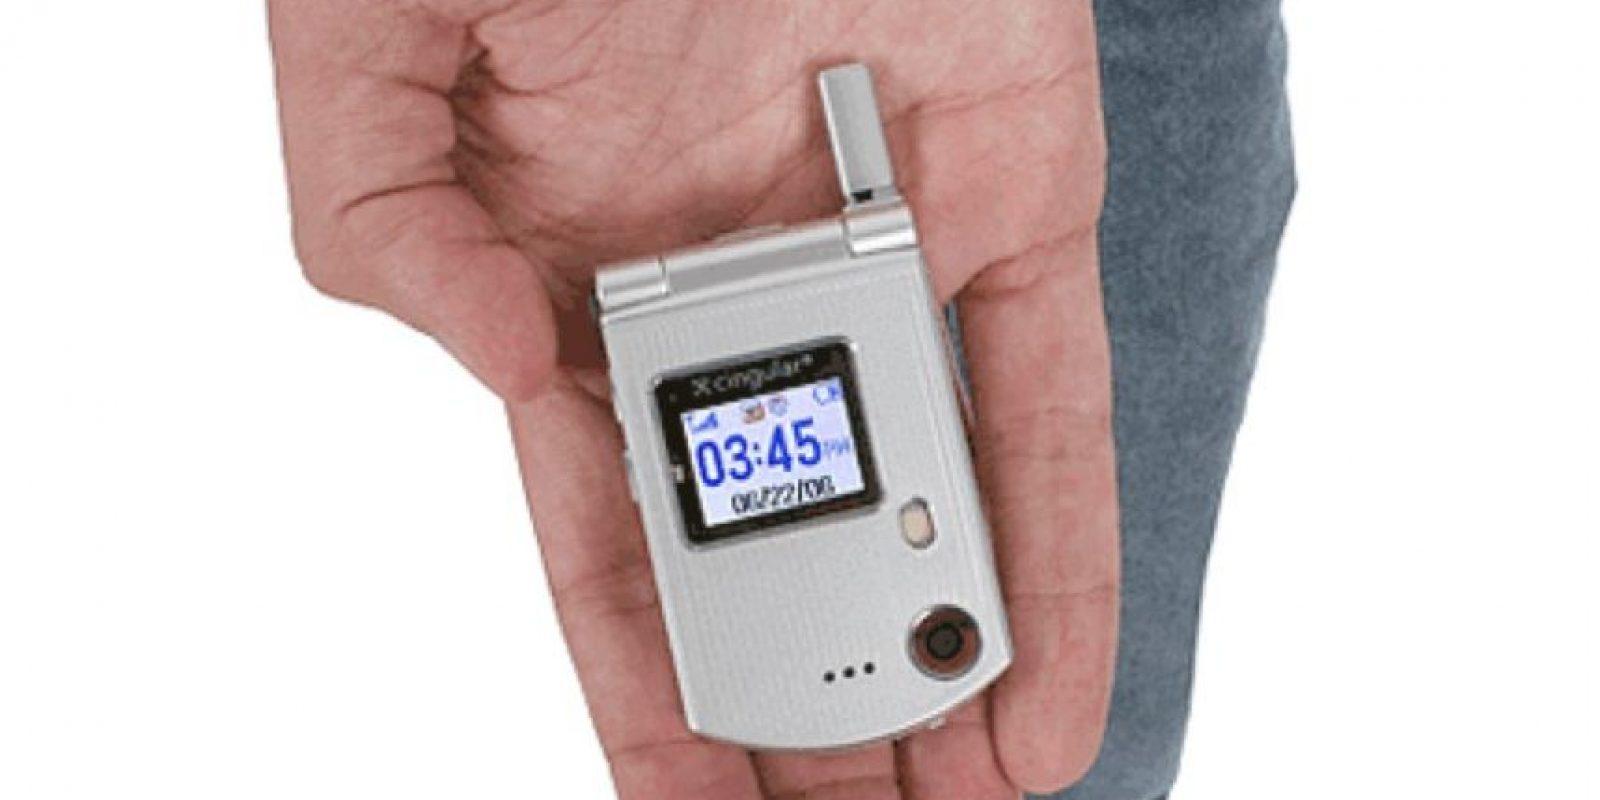 Lanzado en 2006, cabía perfectamente en la palma de la mano y hasta tenía una cámara incluida. Foto:Pantech